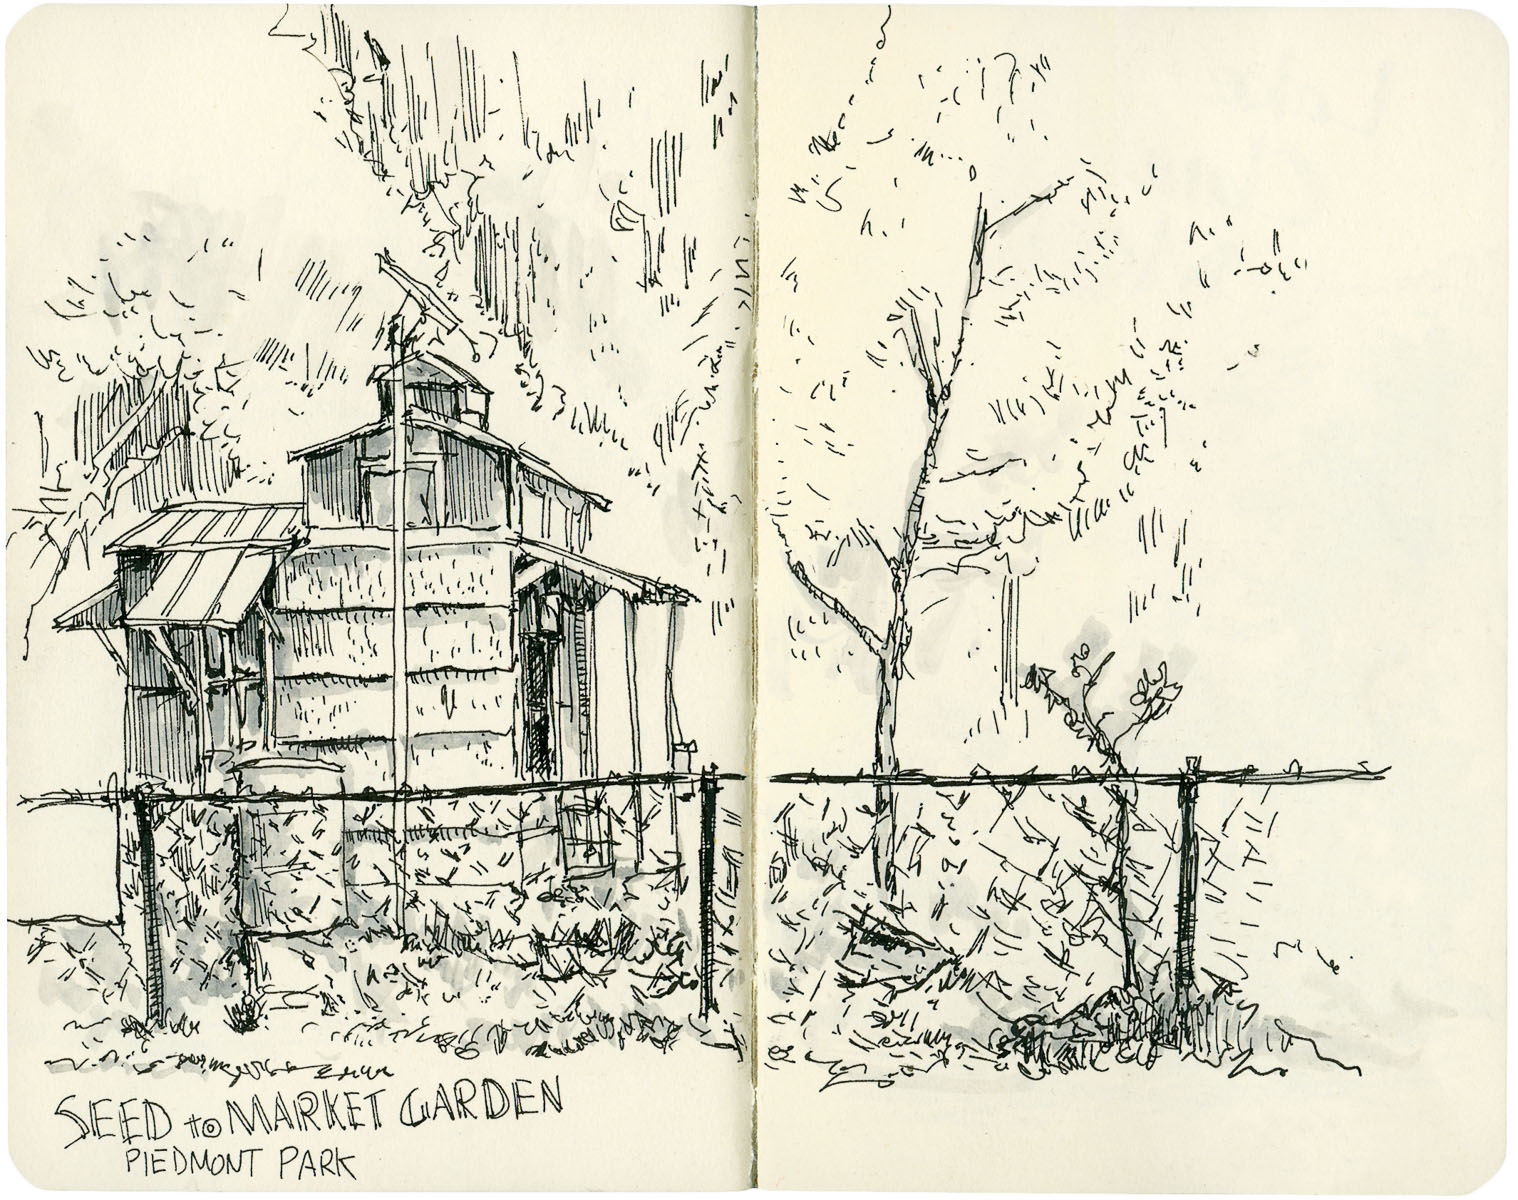 Sketchbook: Seed to Market Garden